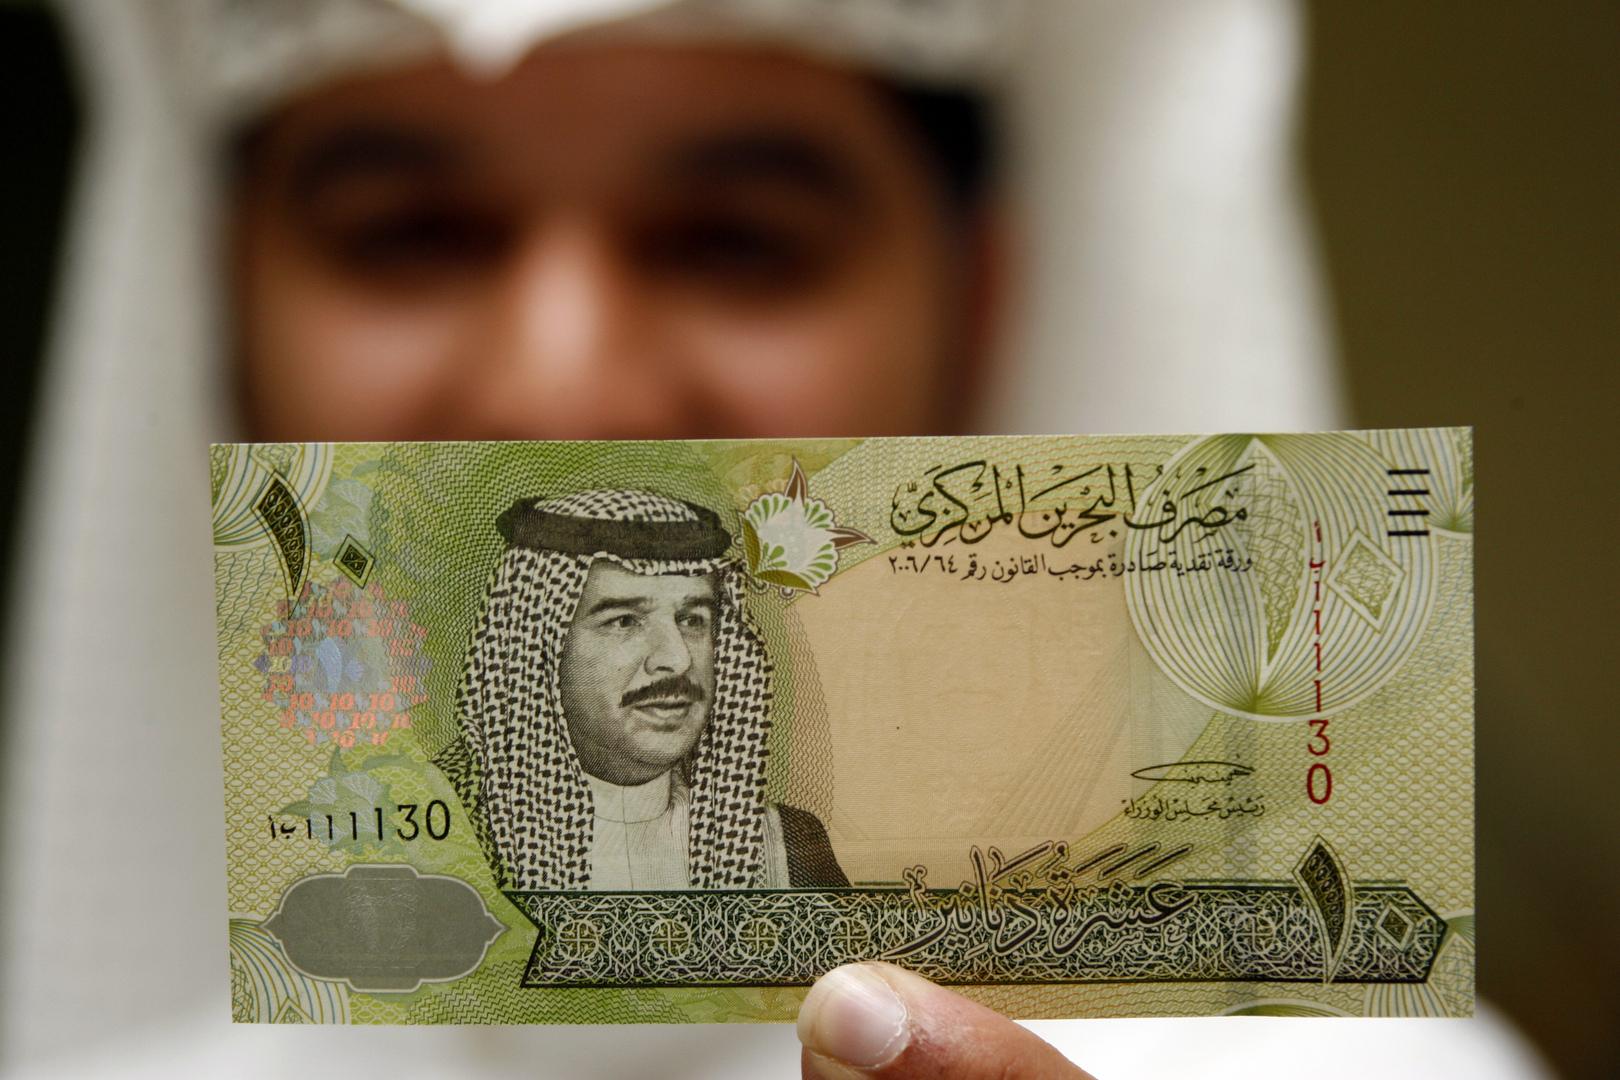 البحرين تتلقى نحو 5 مليارات دولار من أشقائها الخليجيين